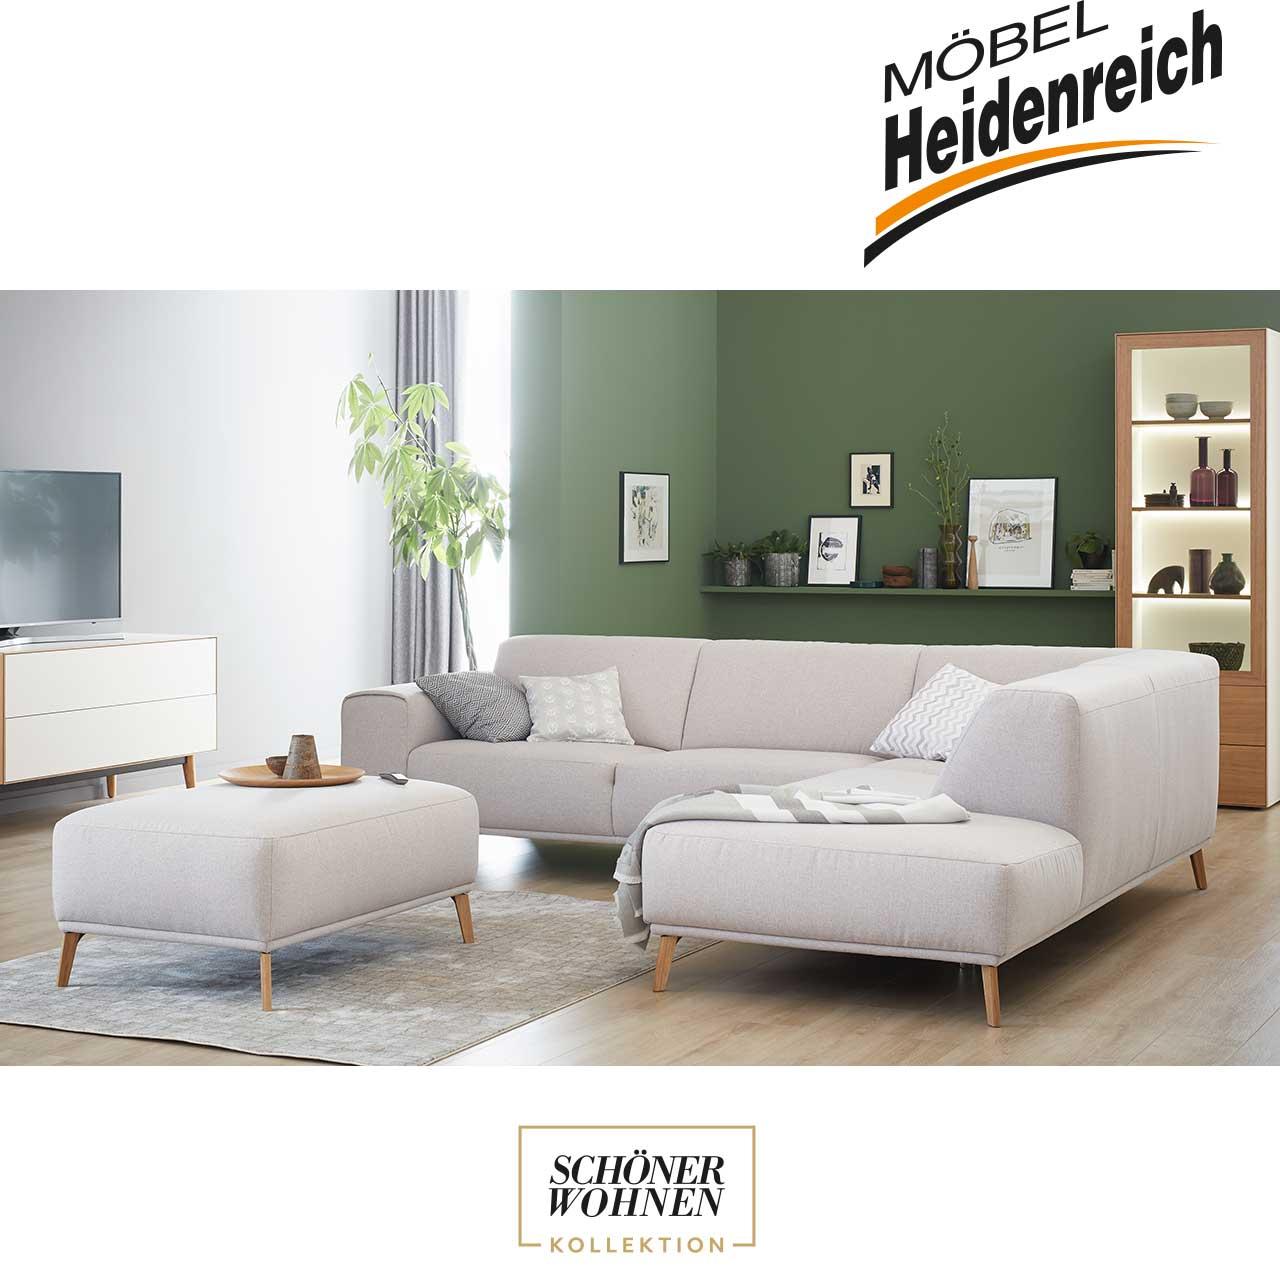 sch ner wohnen sofa gabo m bel heidenreich. Black Bedroom Furniture Sets. Home Design Ideas